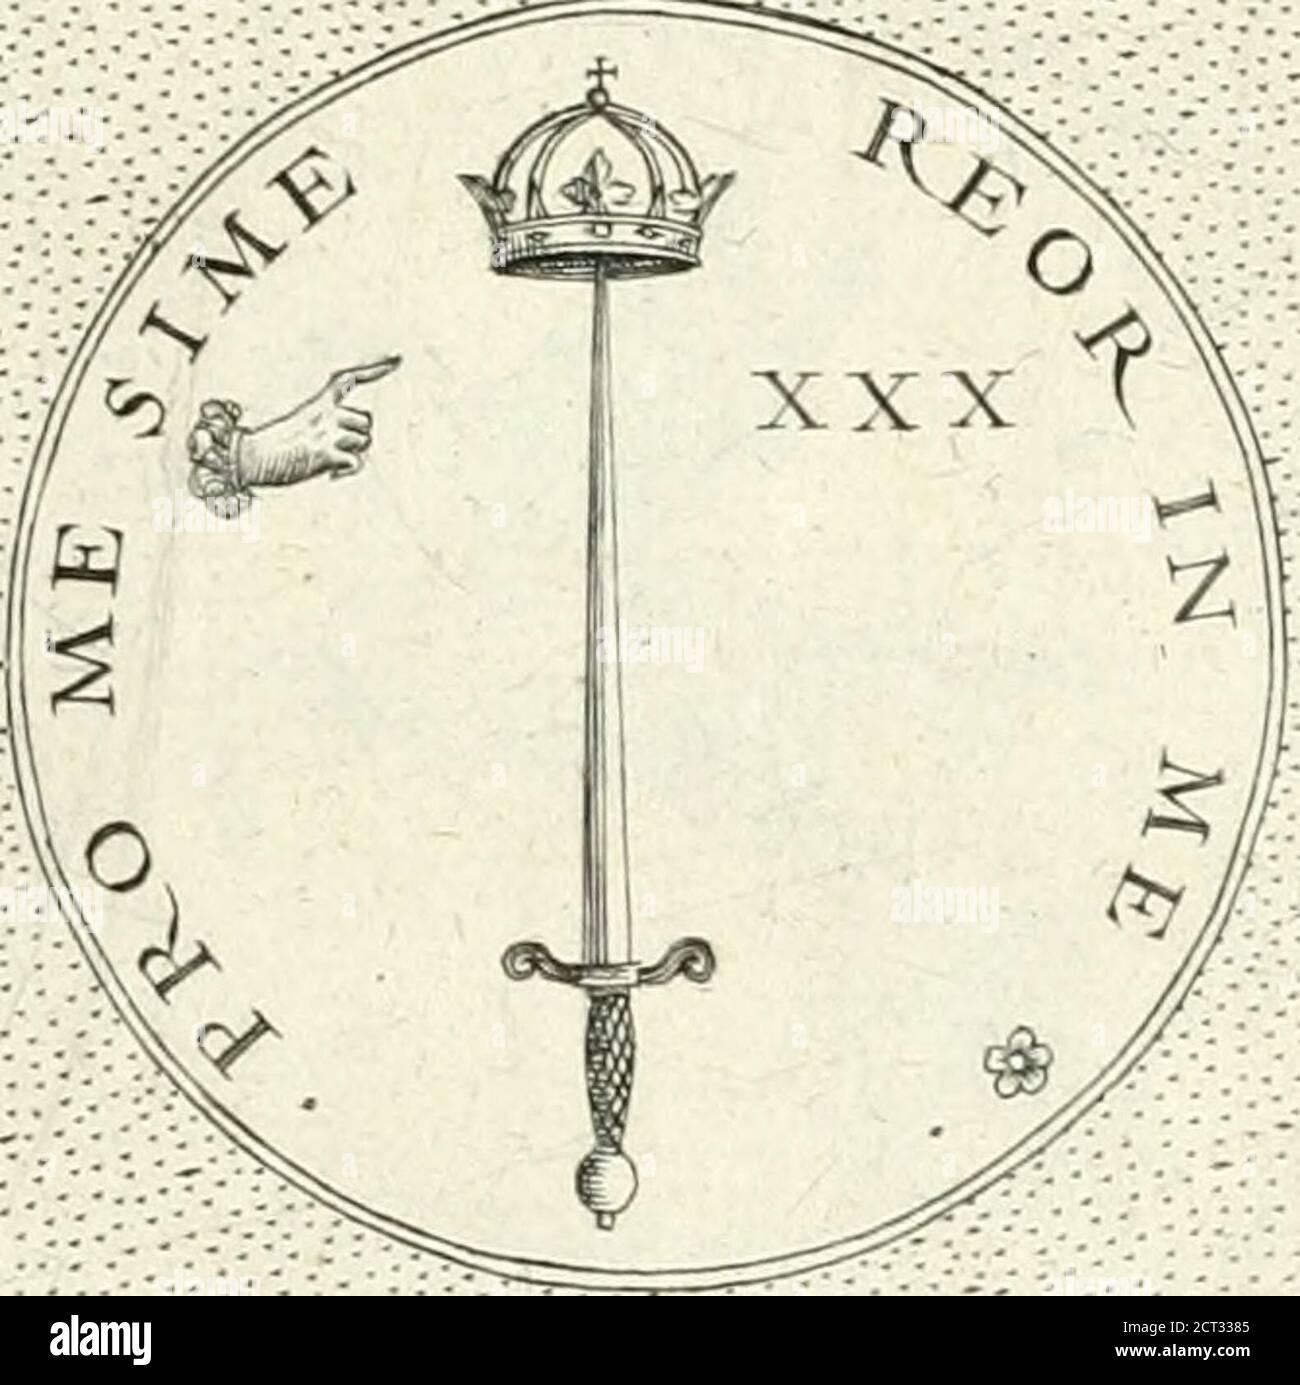 . Symbola diuina & humana pontificvm, imperatorvm, regvm : accessit breuis & facilis isagoge Iac. Typotii : ex mvsaeo Octavii de Strada civis Romani : tomus primus[-tertius] . t/f ci^.. W^:iv^i^^n;^>vV--^v-^^;^^^^^ /^y^rsJ^ff//i^a//f. ■}:^-/^-;^}:-:-:^/;i-V:-;:<:-^y^lpfimsm u/. J^P<7ft/^a///r. ^yJ^h//sus /u/. Ji^TJ^o/^/^a//f. Stock Photo